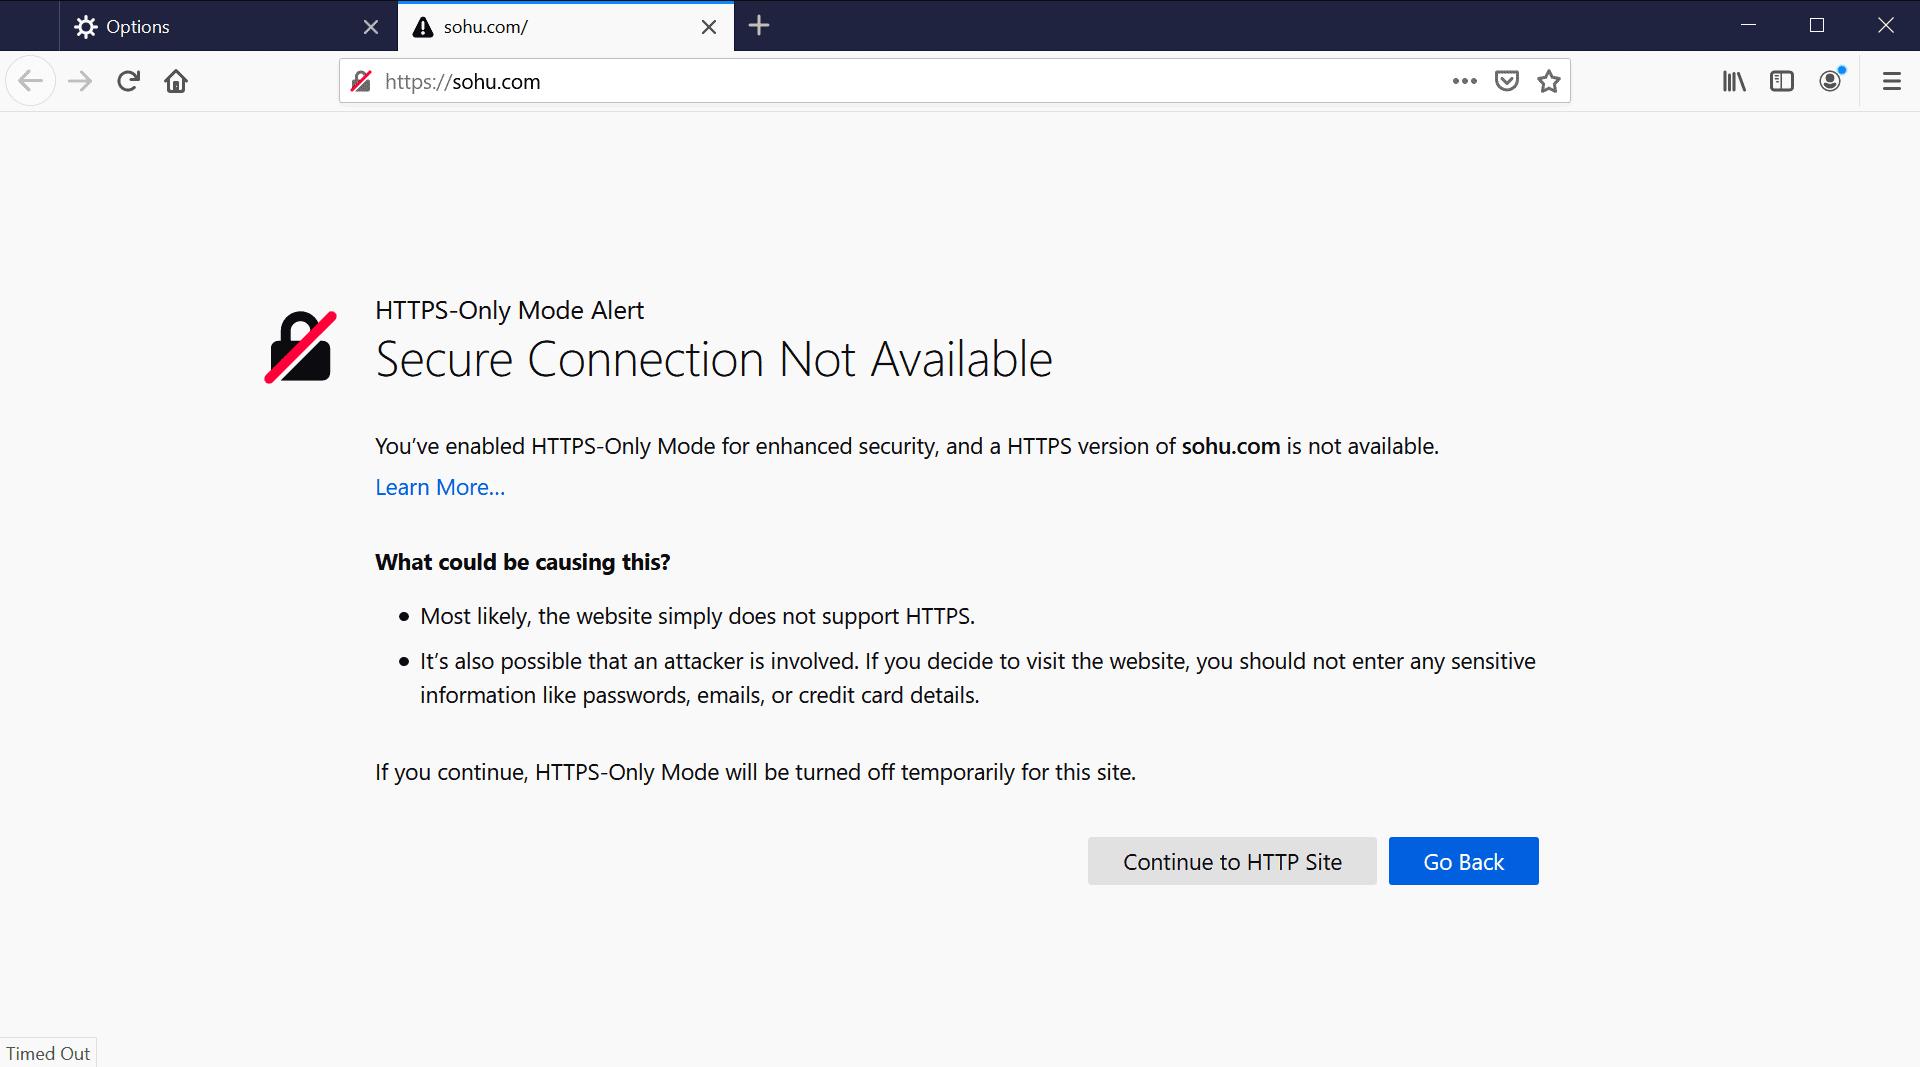 https mode alert firefox